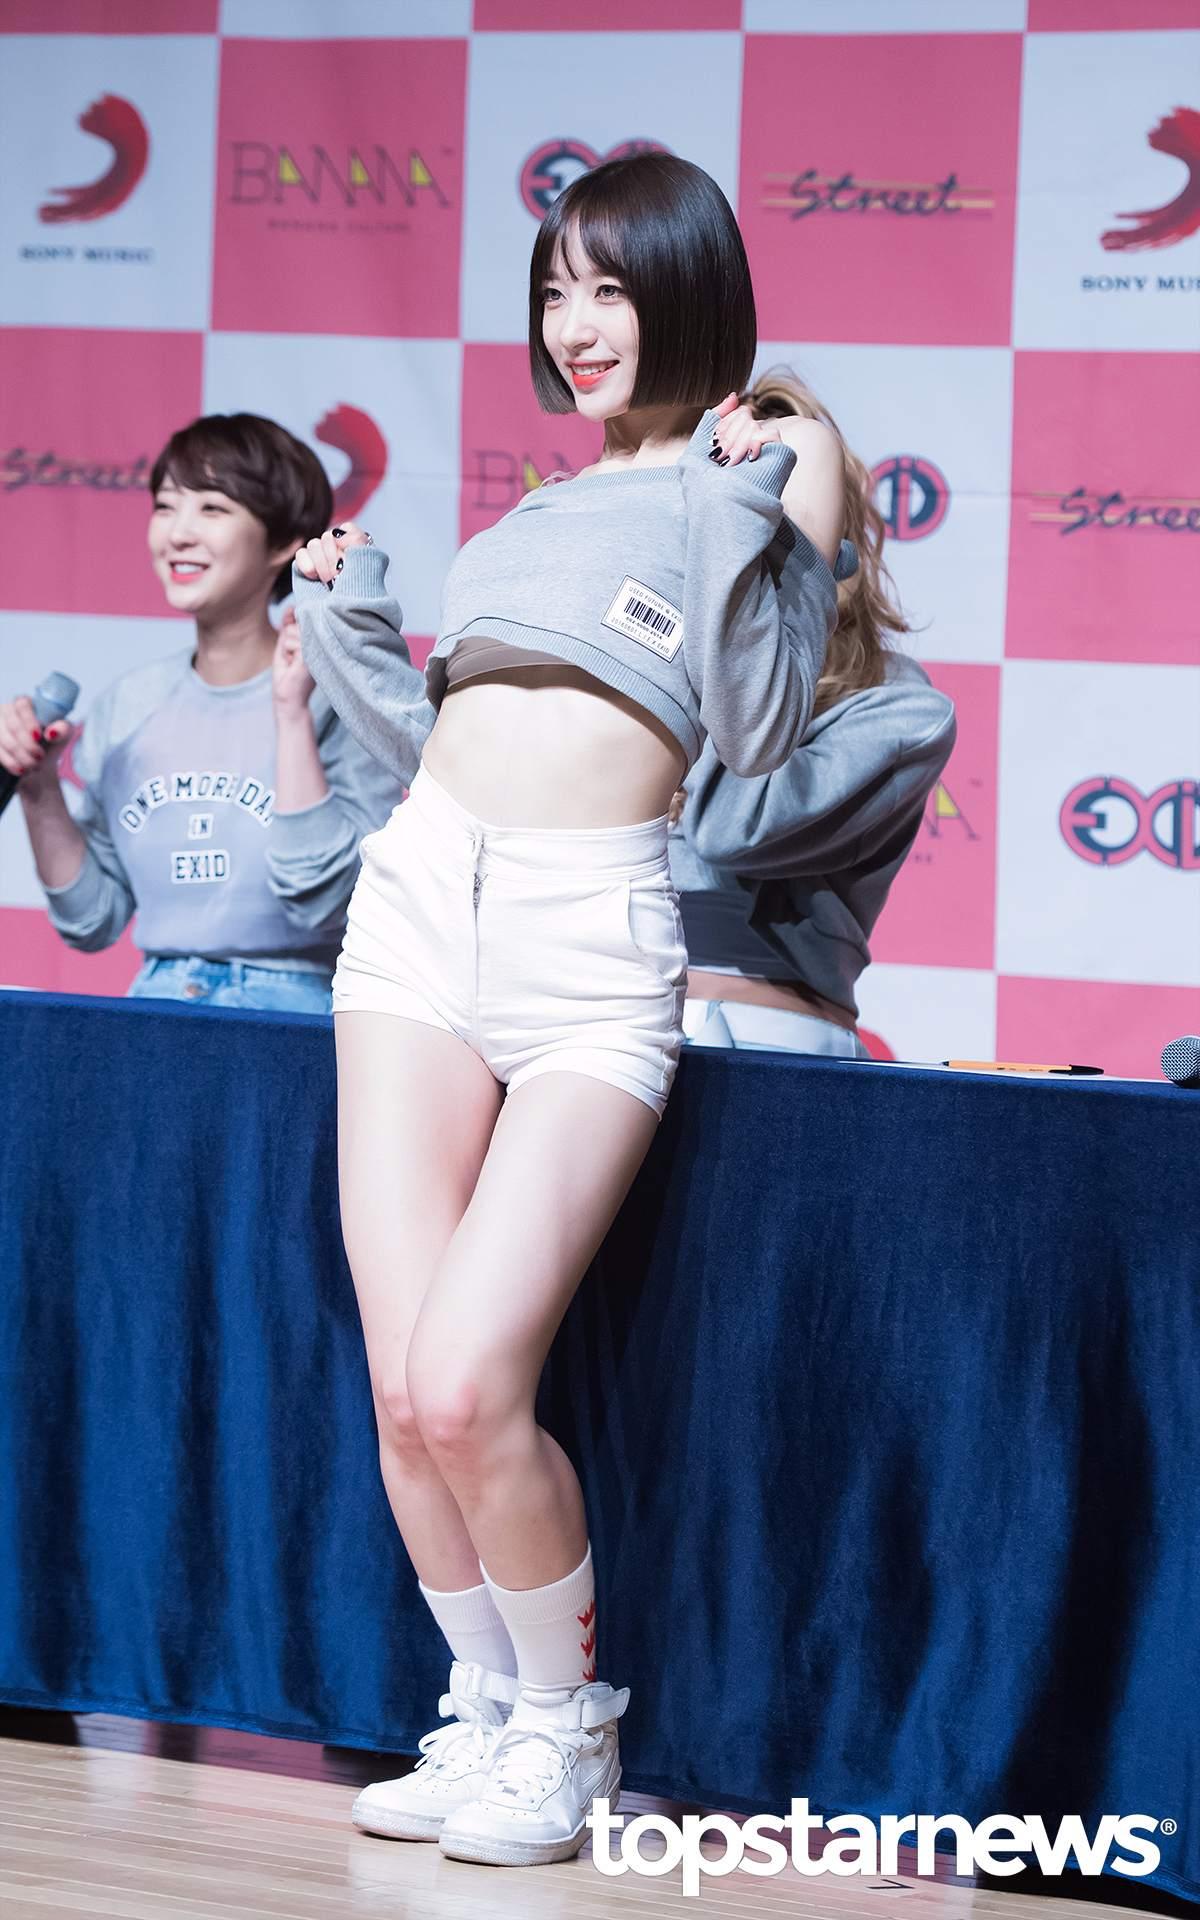 從上次的〈Hot Pink〉一直到最近回歸,Hani的身材越來越纖細,在粉絲拍的影片中甚至驚見肋骨!!瘦到讓粉絲都心疼啊…